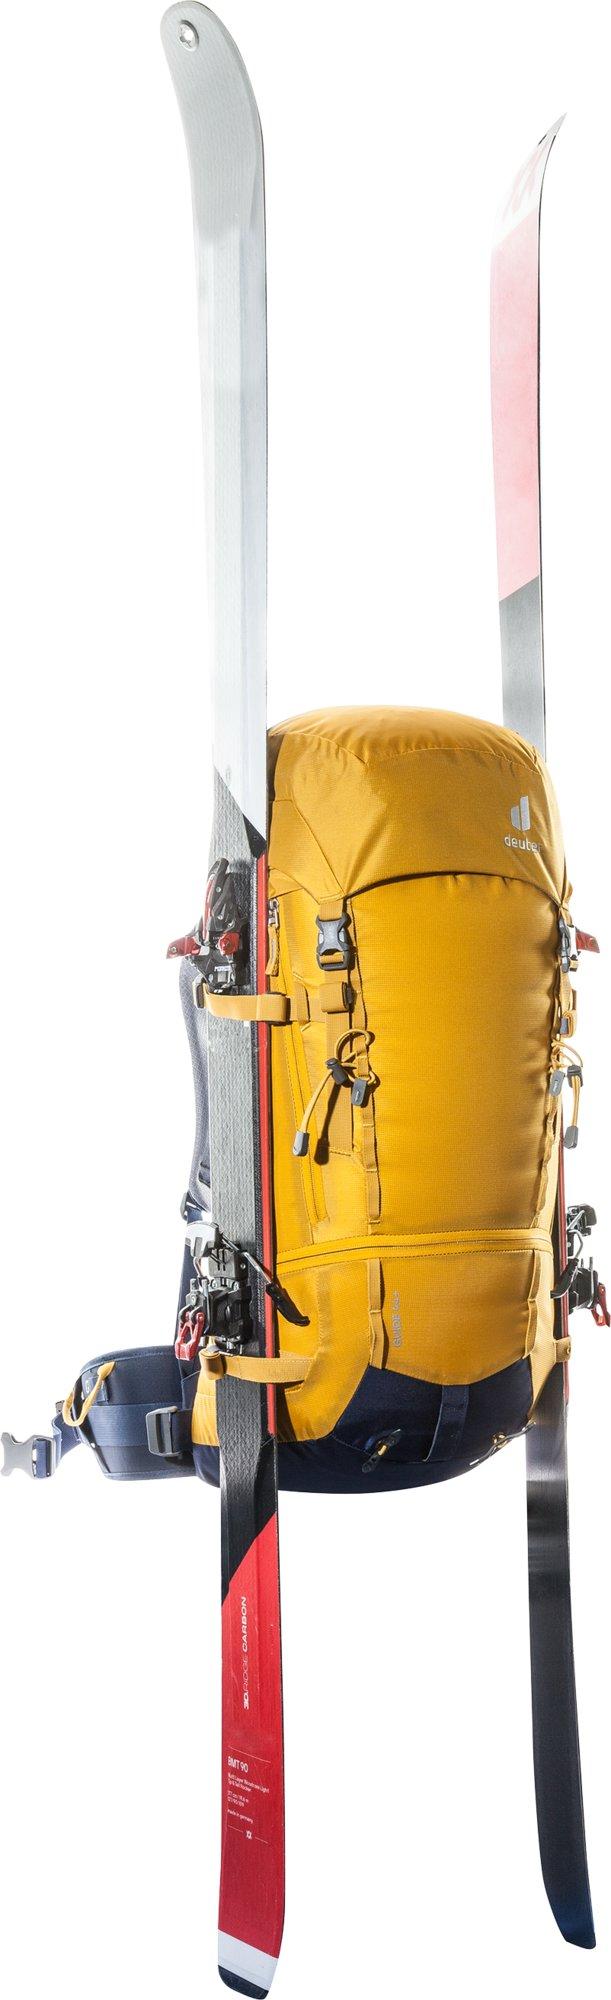 Deuter - Guide 44+, Alpin-Rucksack